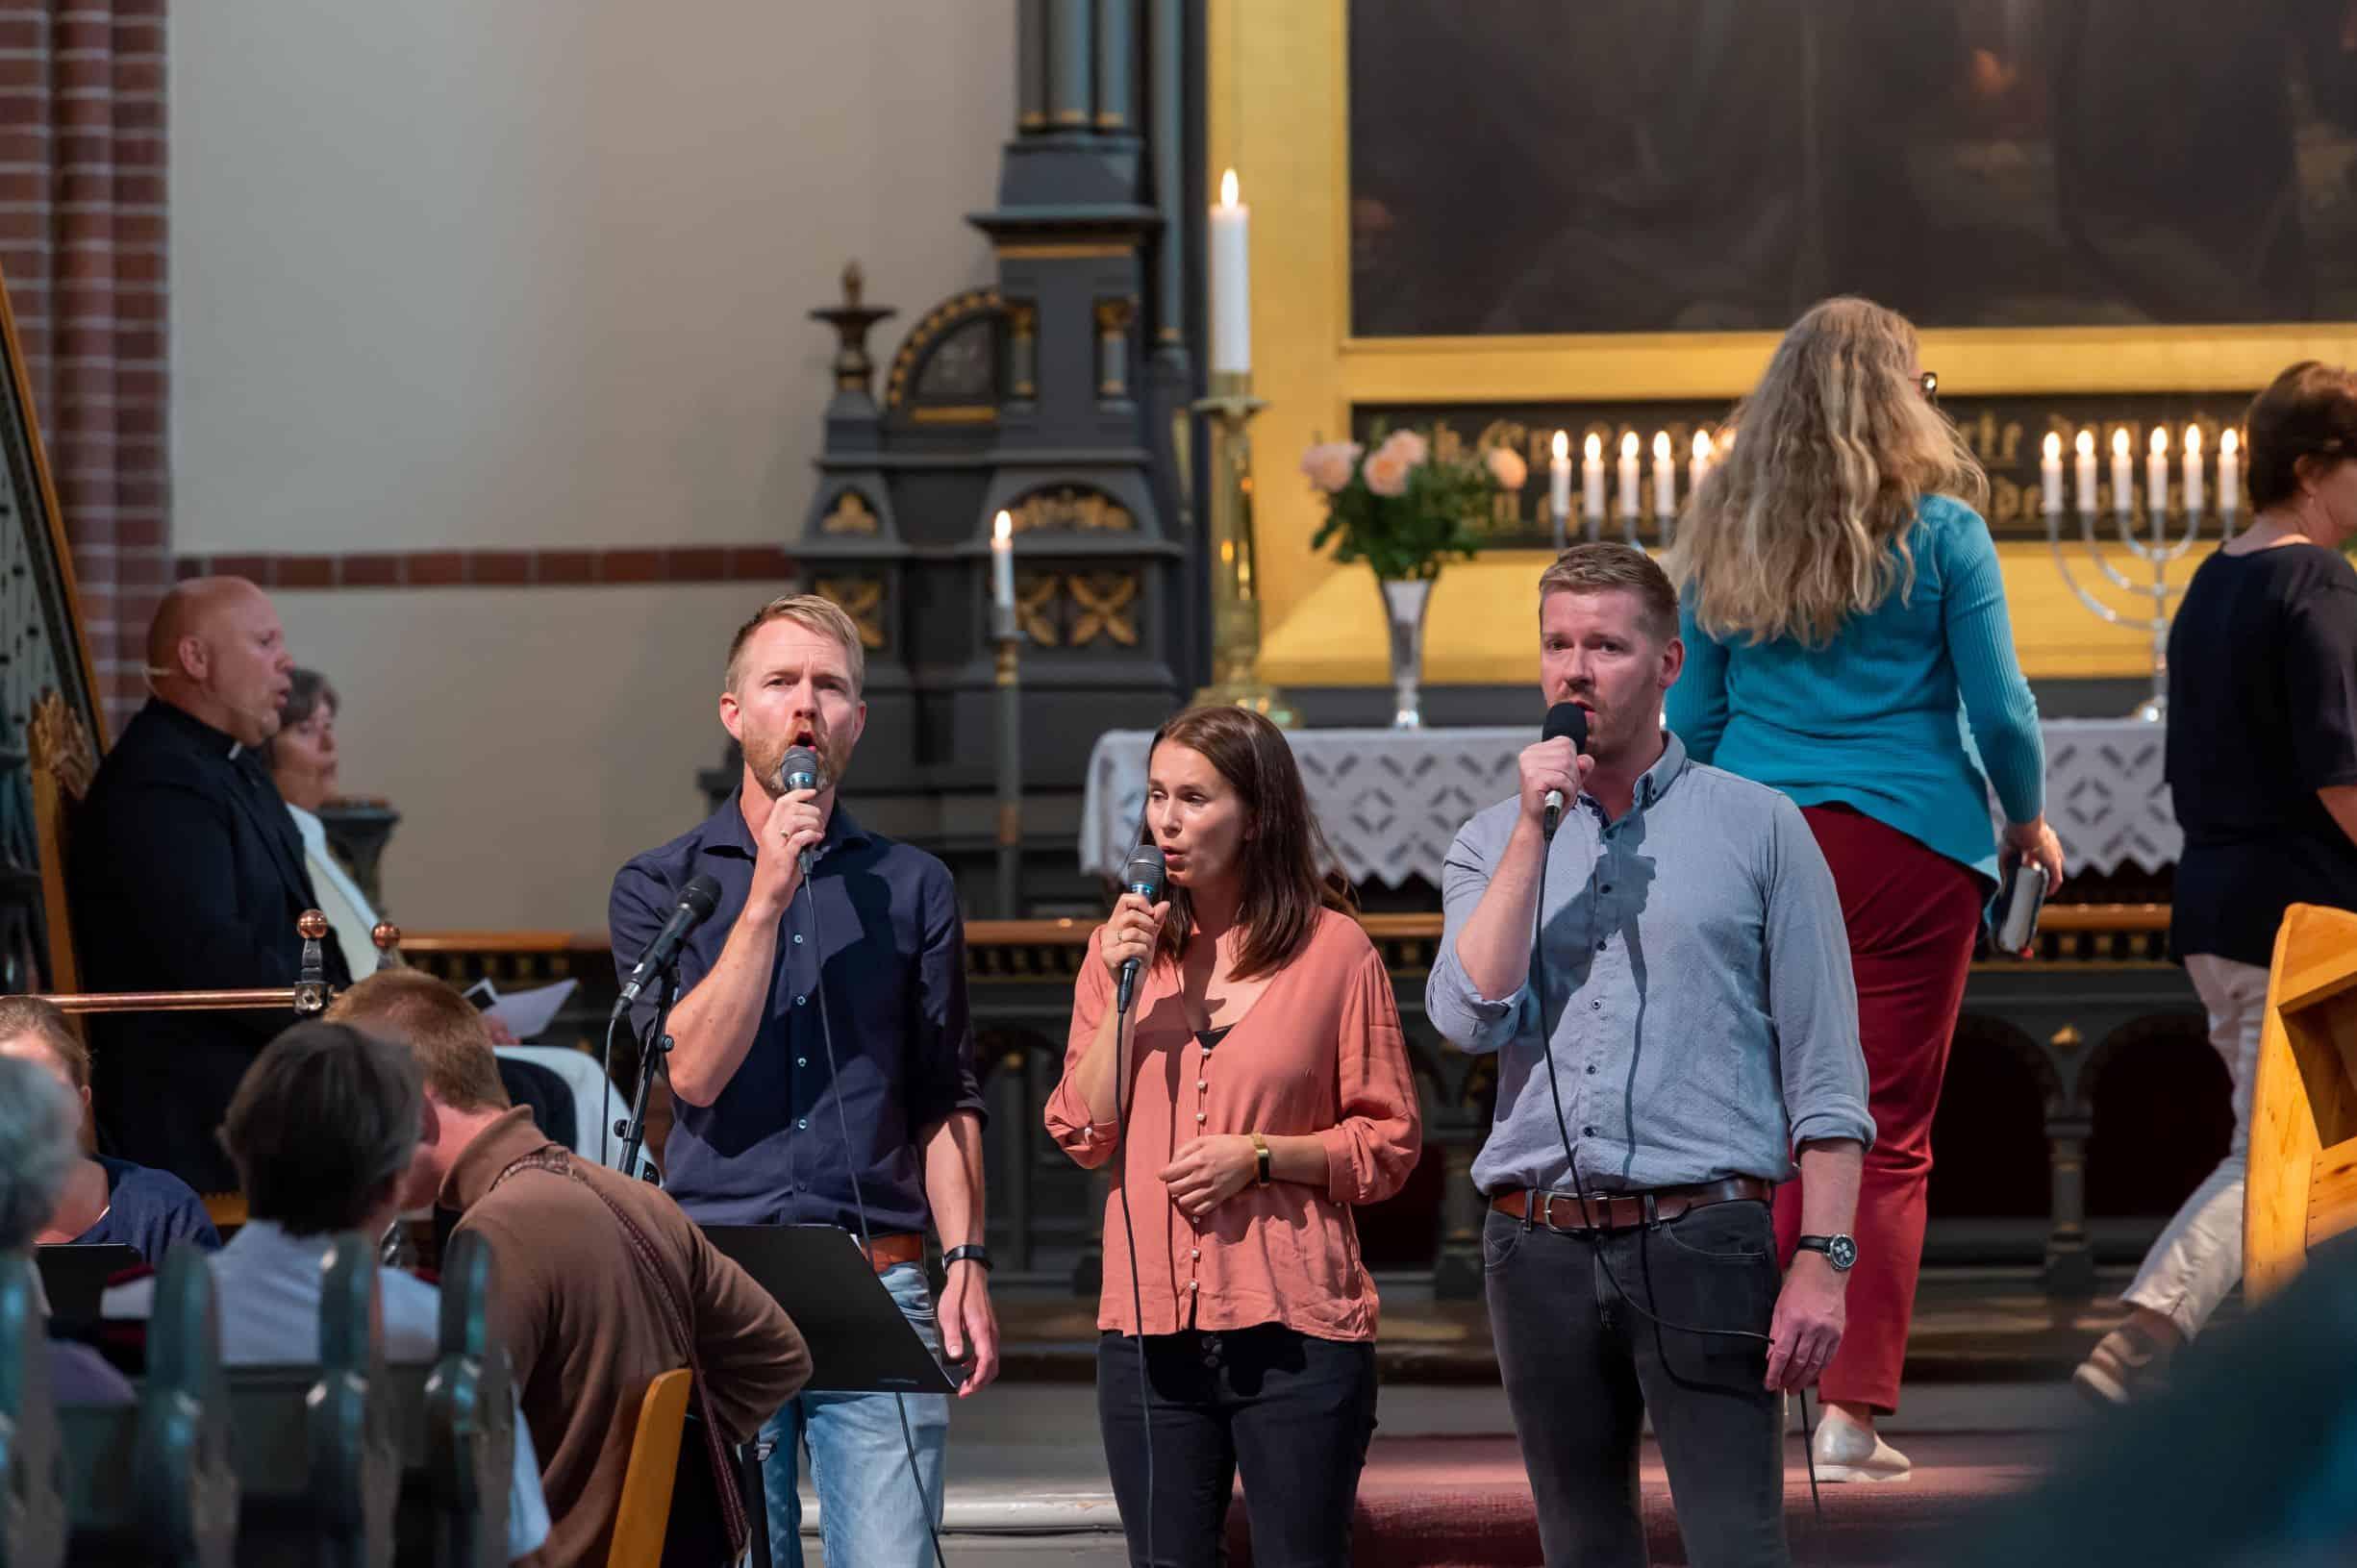 Foto: Tor Tjeransen/ADAM